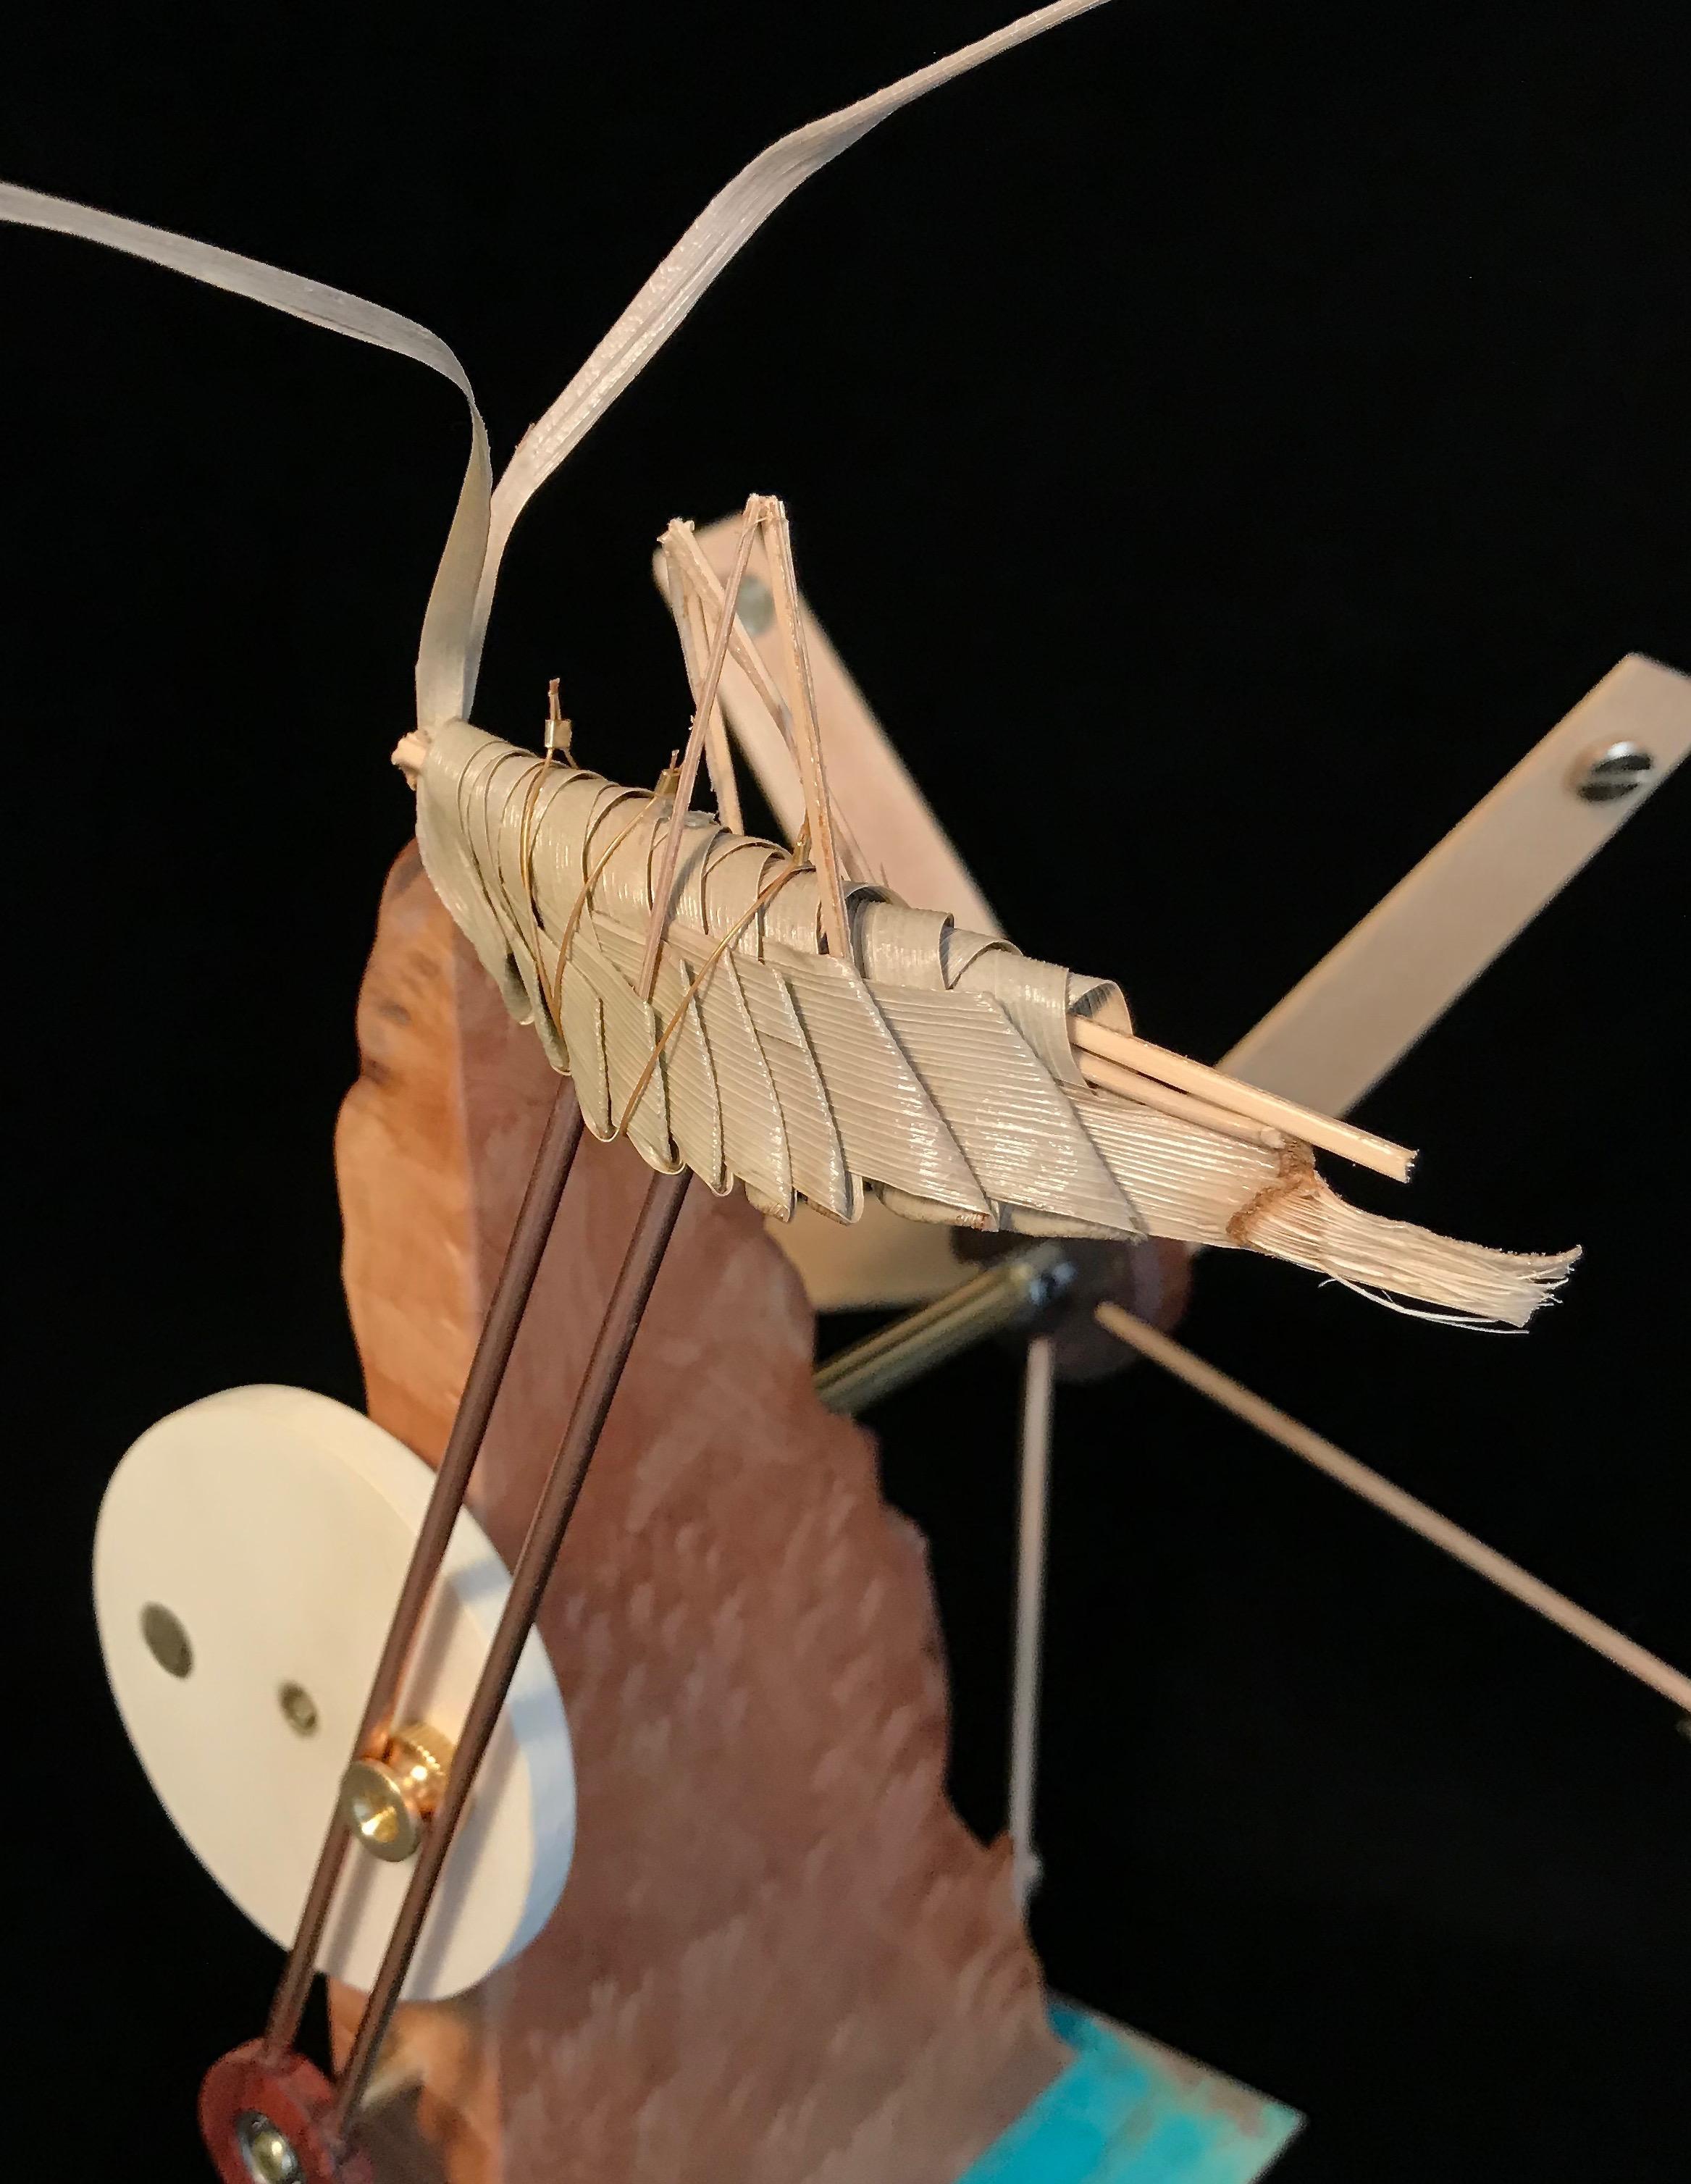 Grasshopper Whirligig